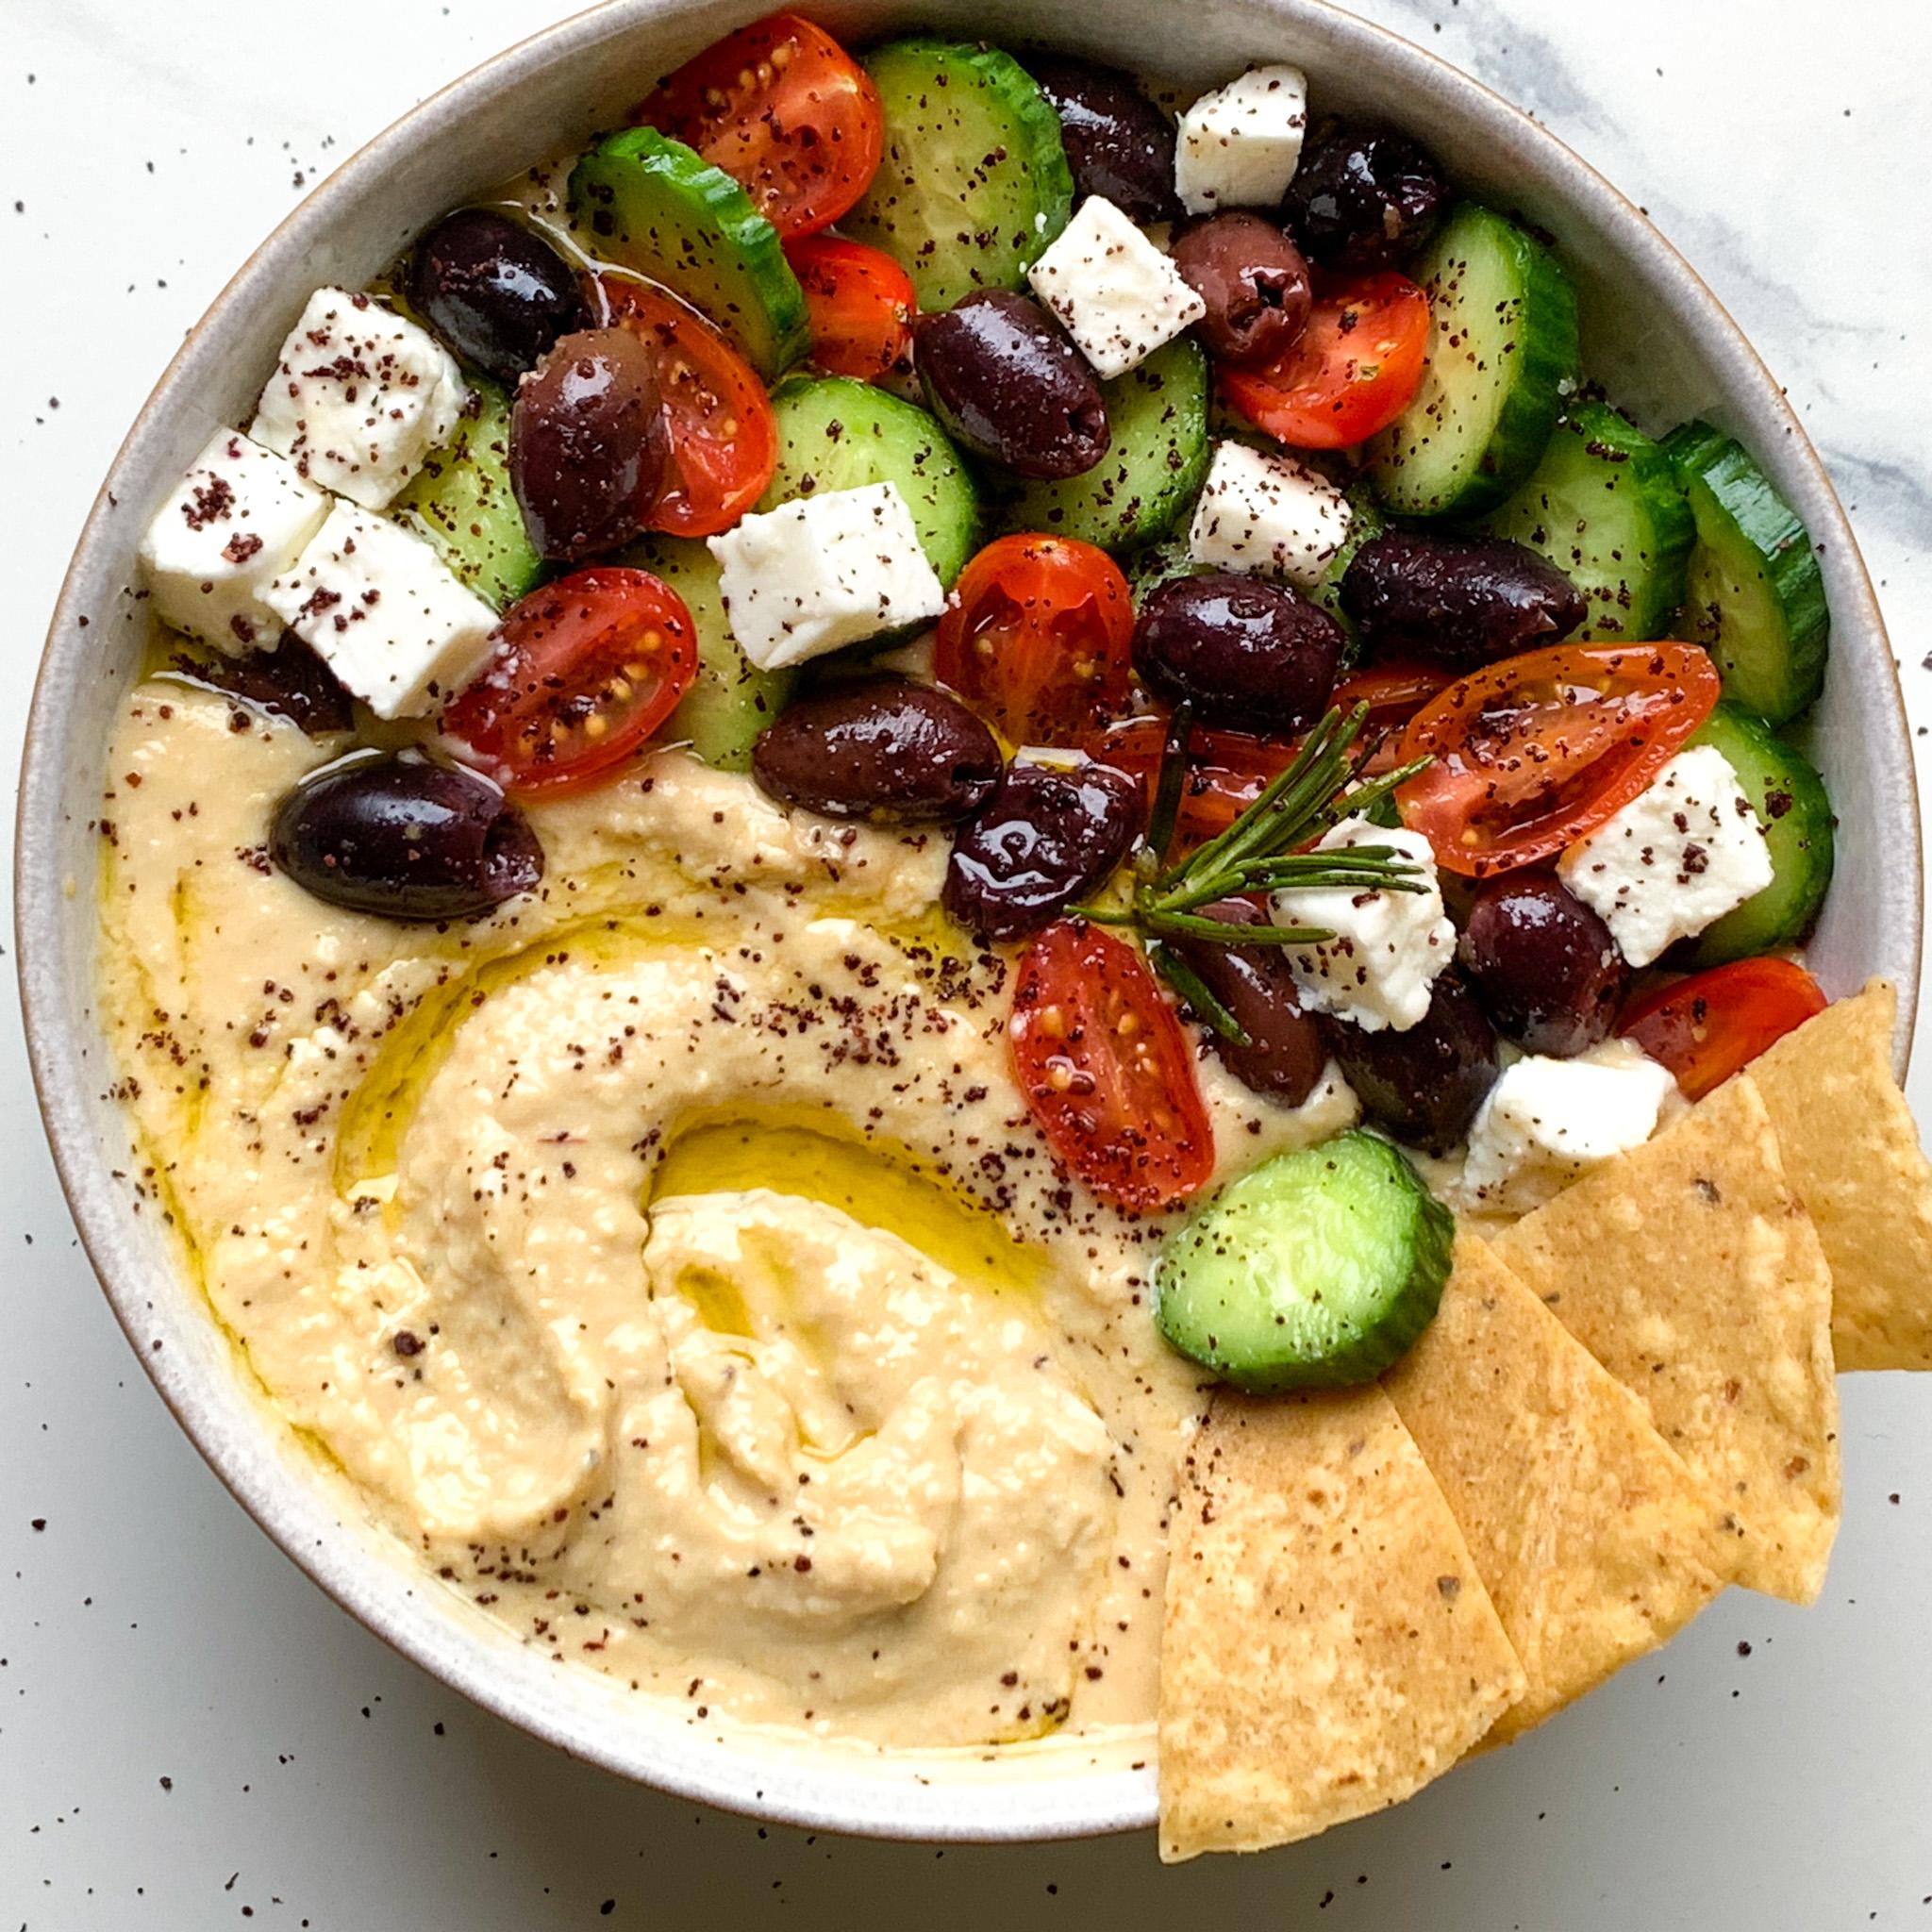 Greek Salad Hummus The Dish On Healthy